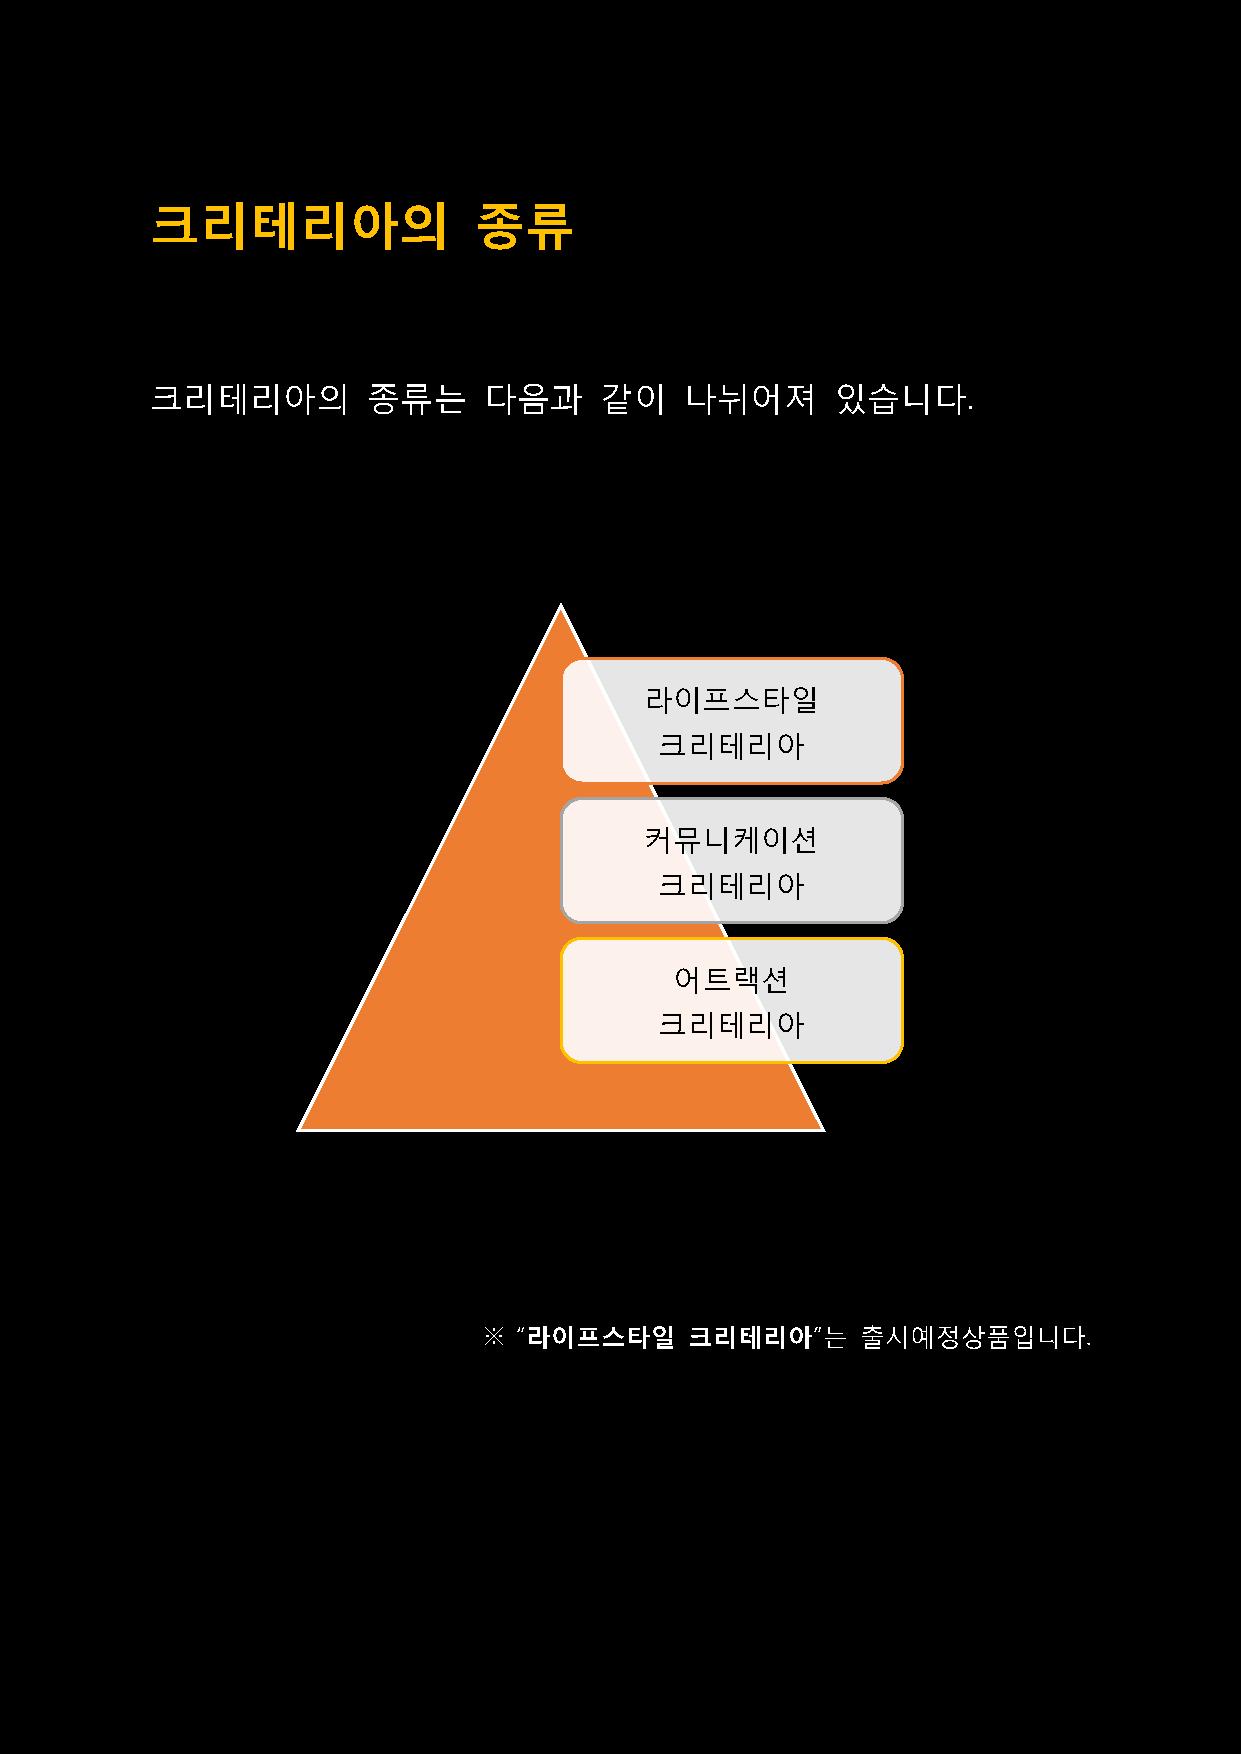 크리테리아 소개_Page_06.png